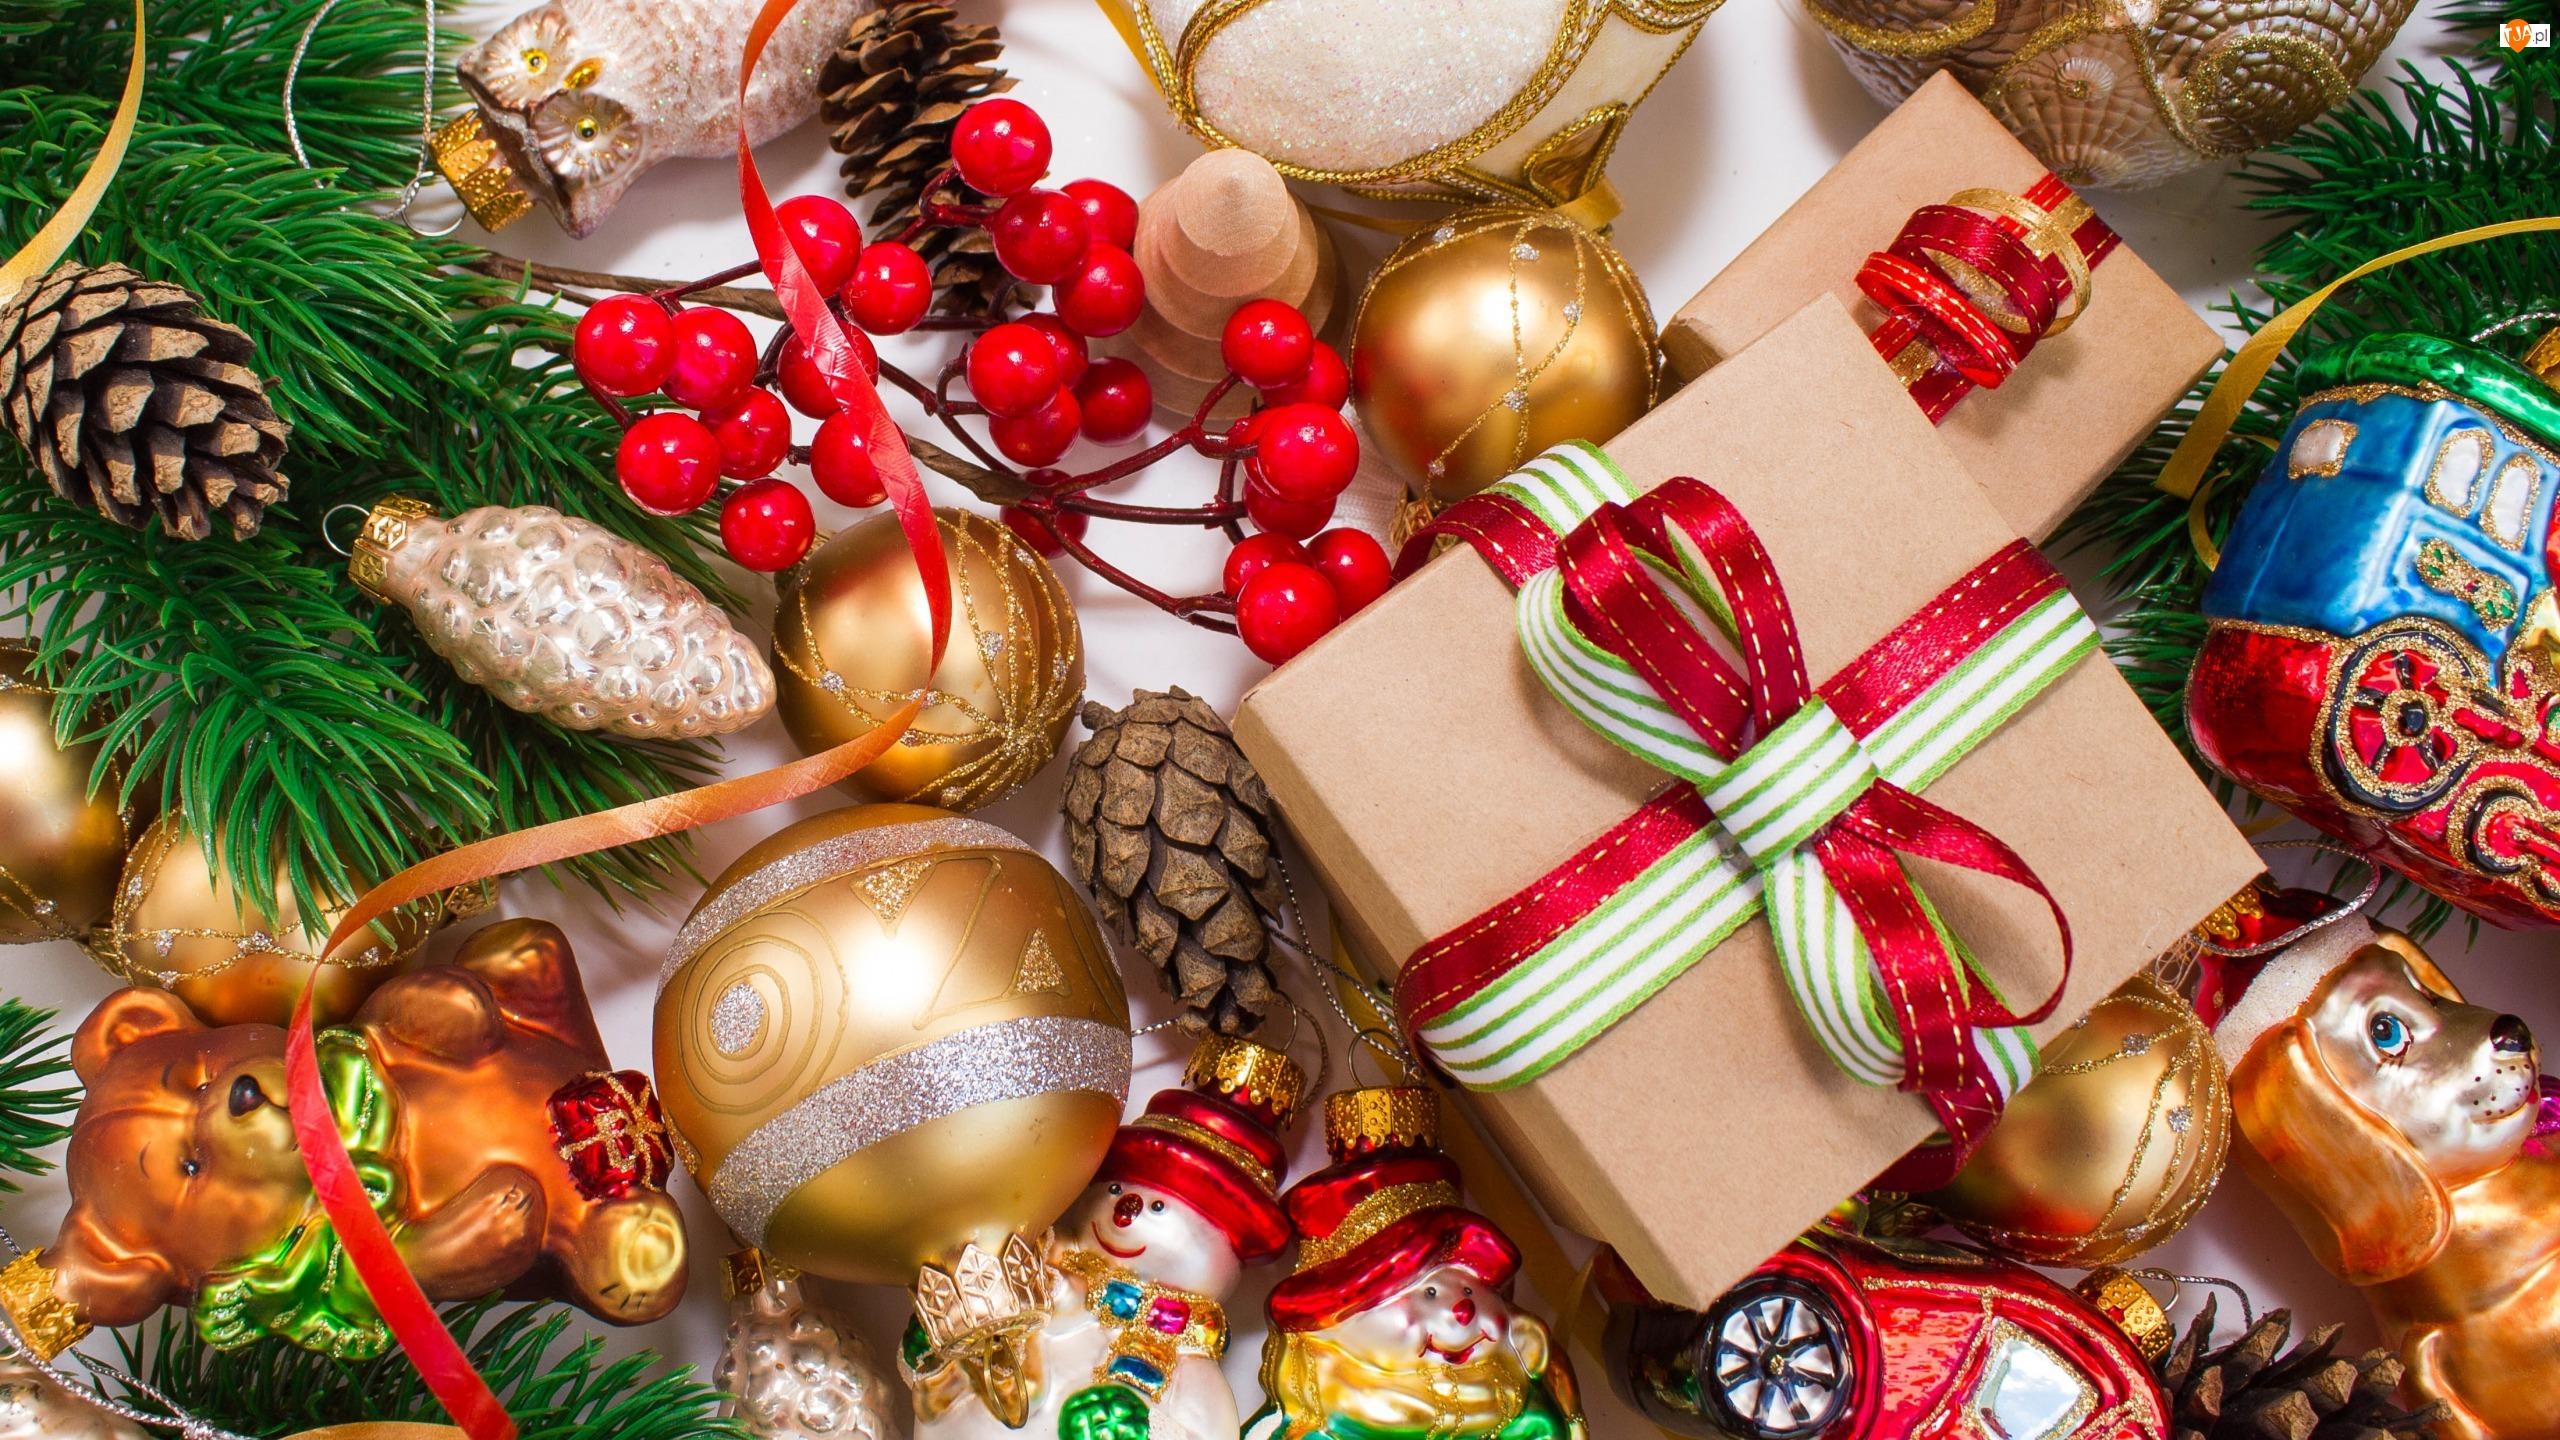 Prezenty, Bombki, Świąteczna, Kompozycja, Boże Narodzenie, Kolorowe, Szyszki